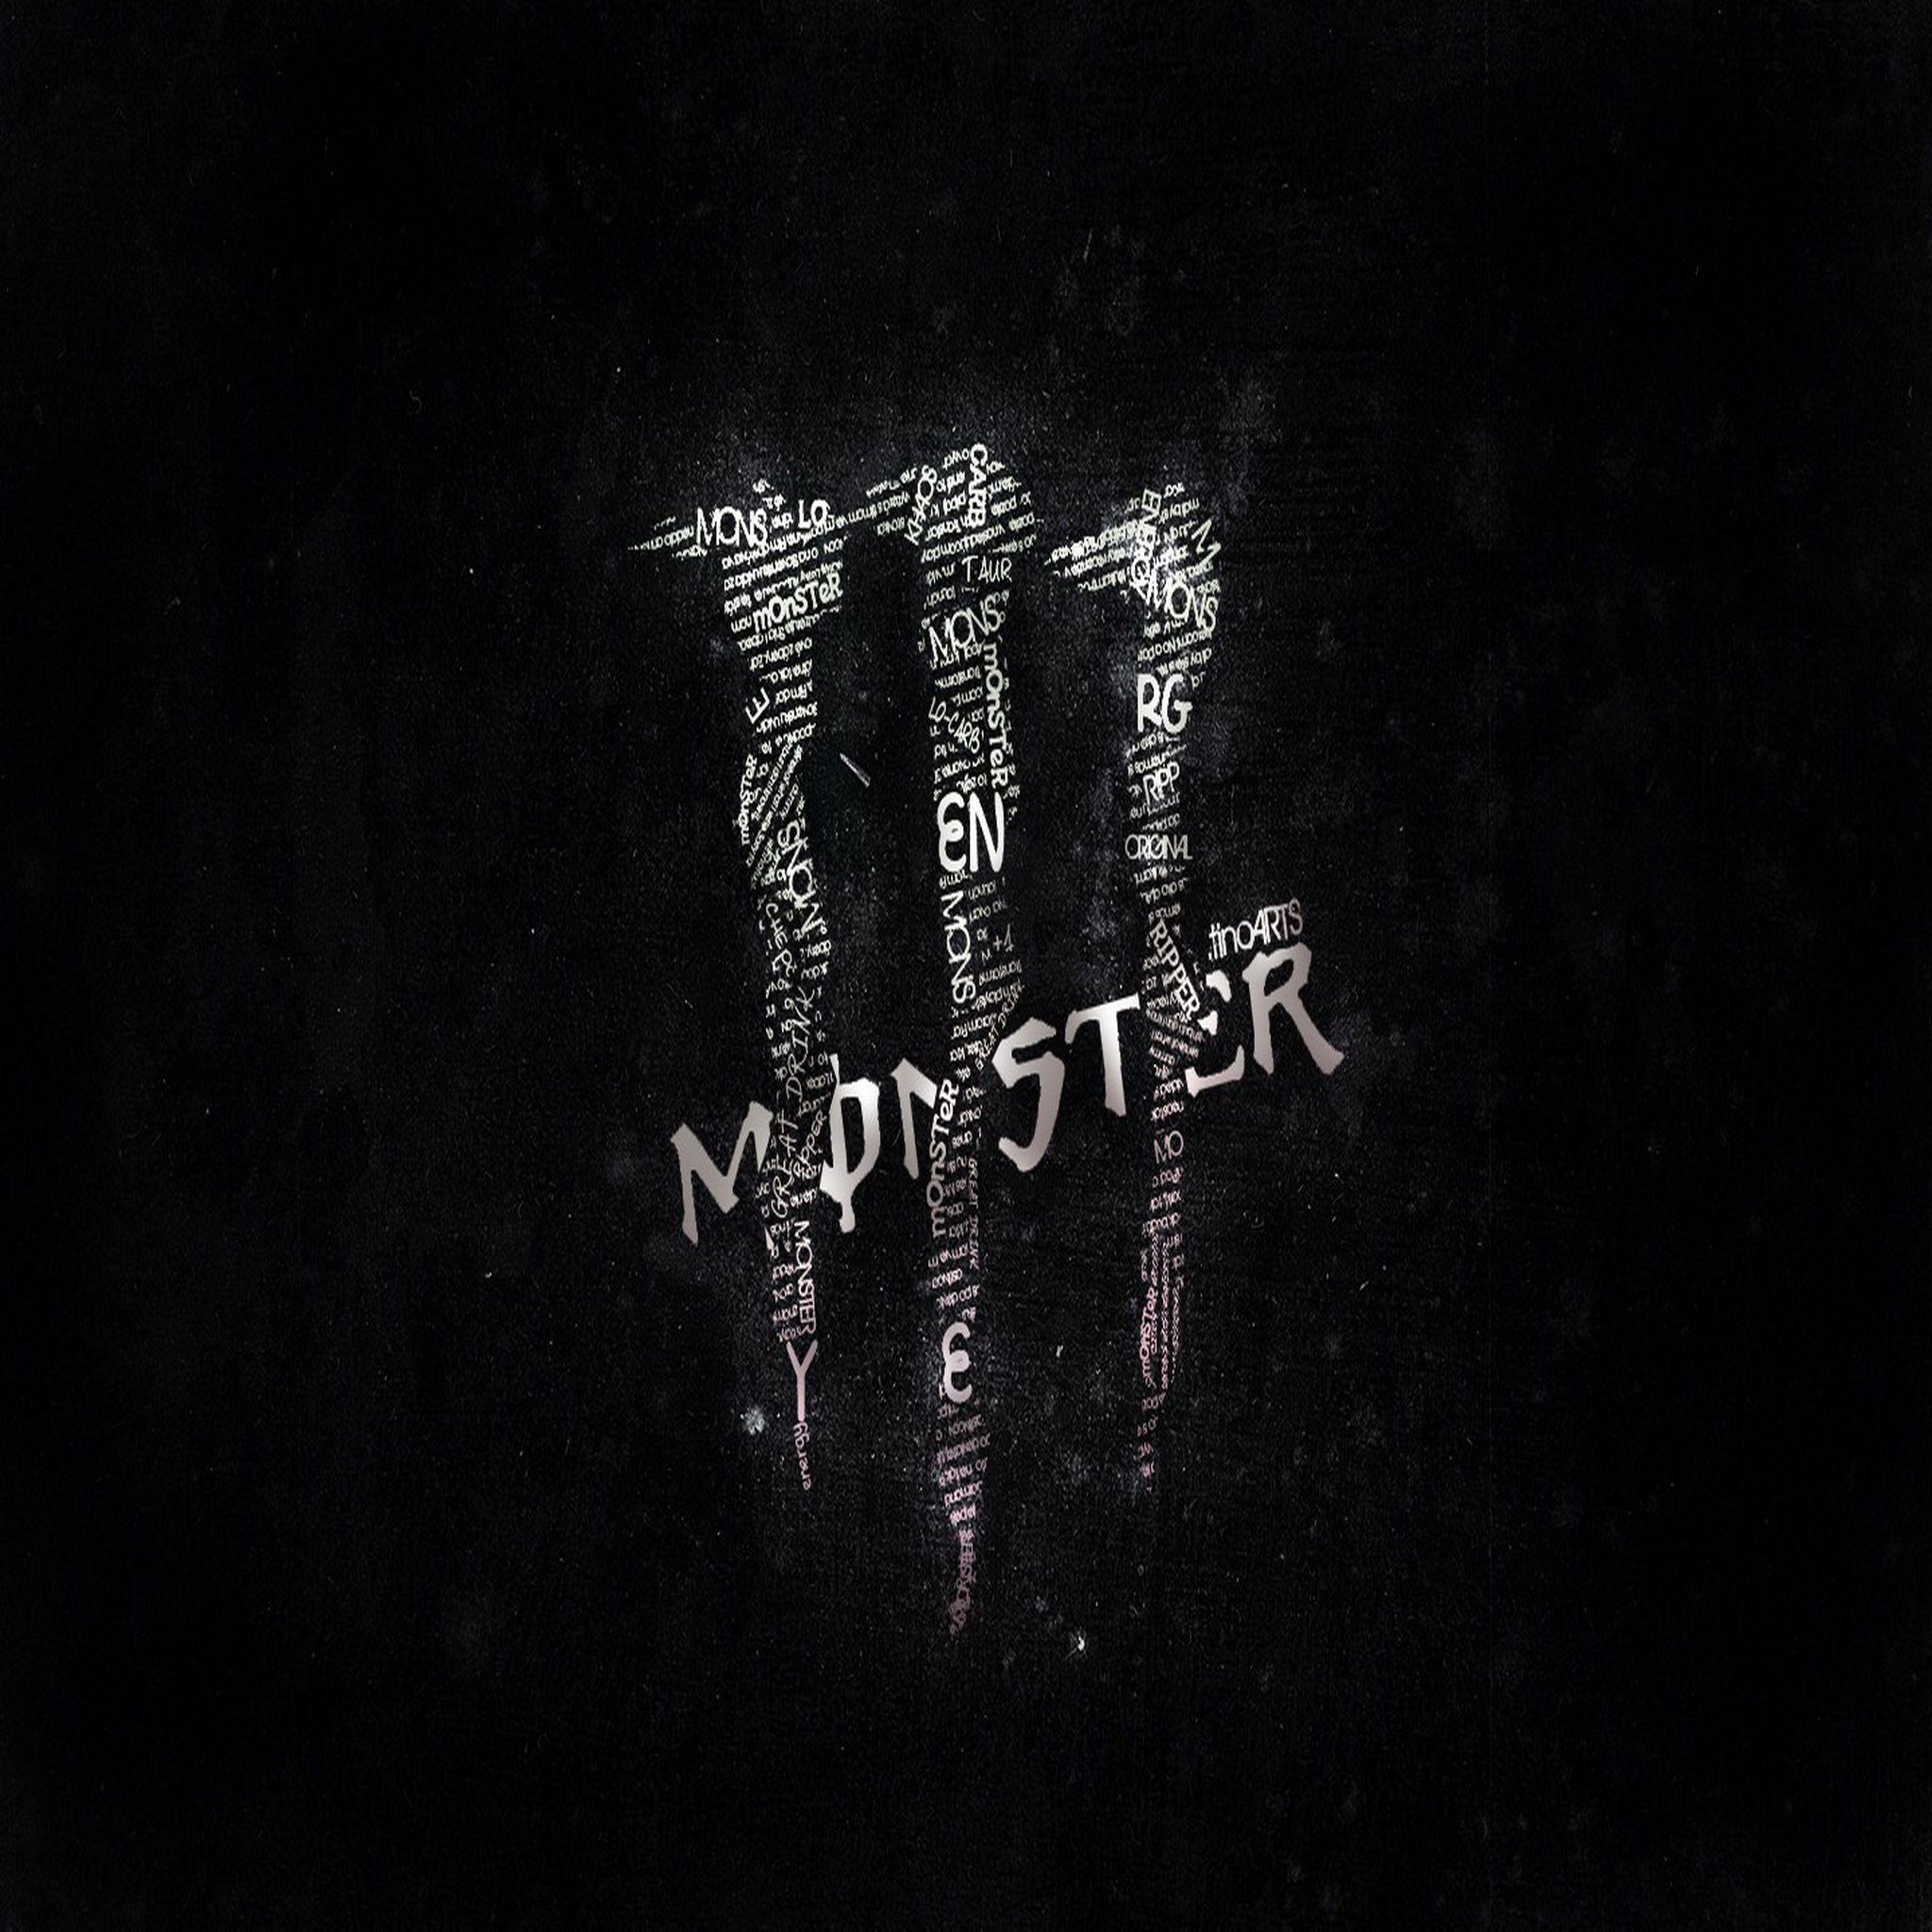 Pin By Bruhitsjess On Monster Energy Energy Logo Monster Energy Drink Monster Energy Drink Logo